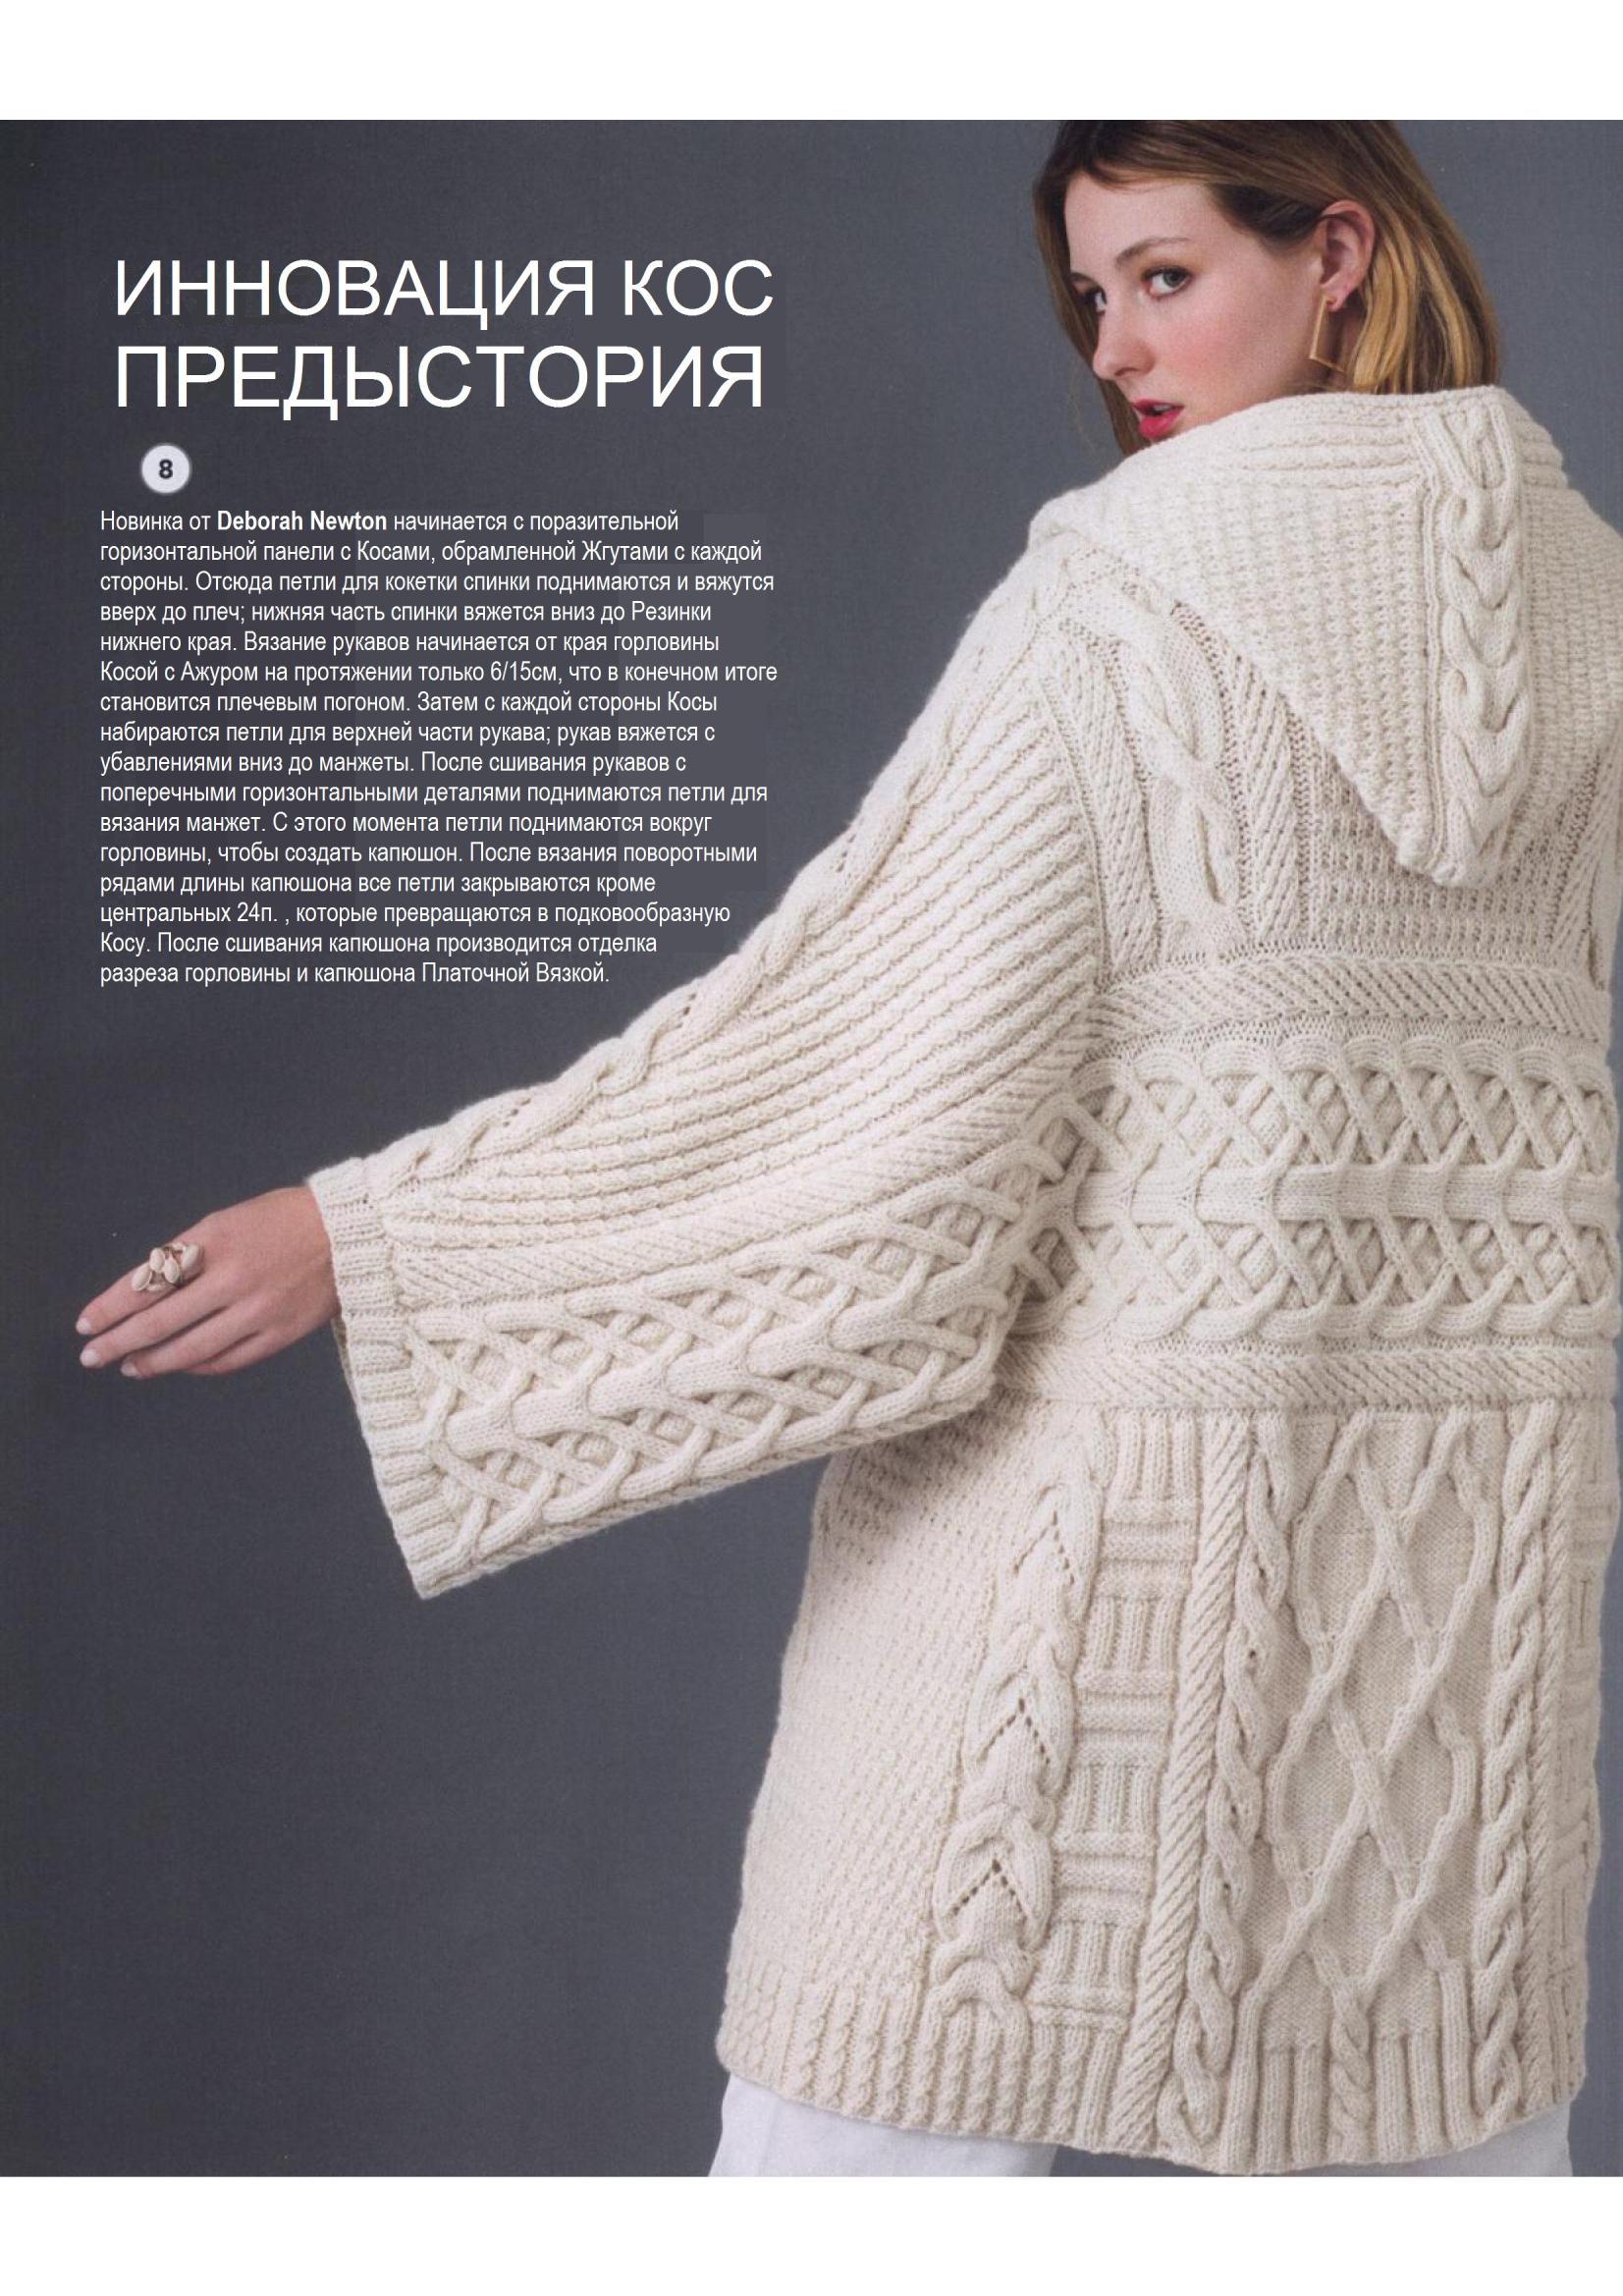 http://images.vfl.ru/ii/1504011436/36e06104/18411029.jpg